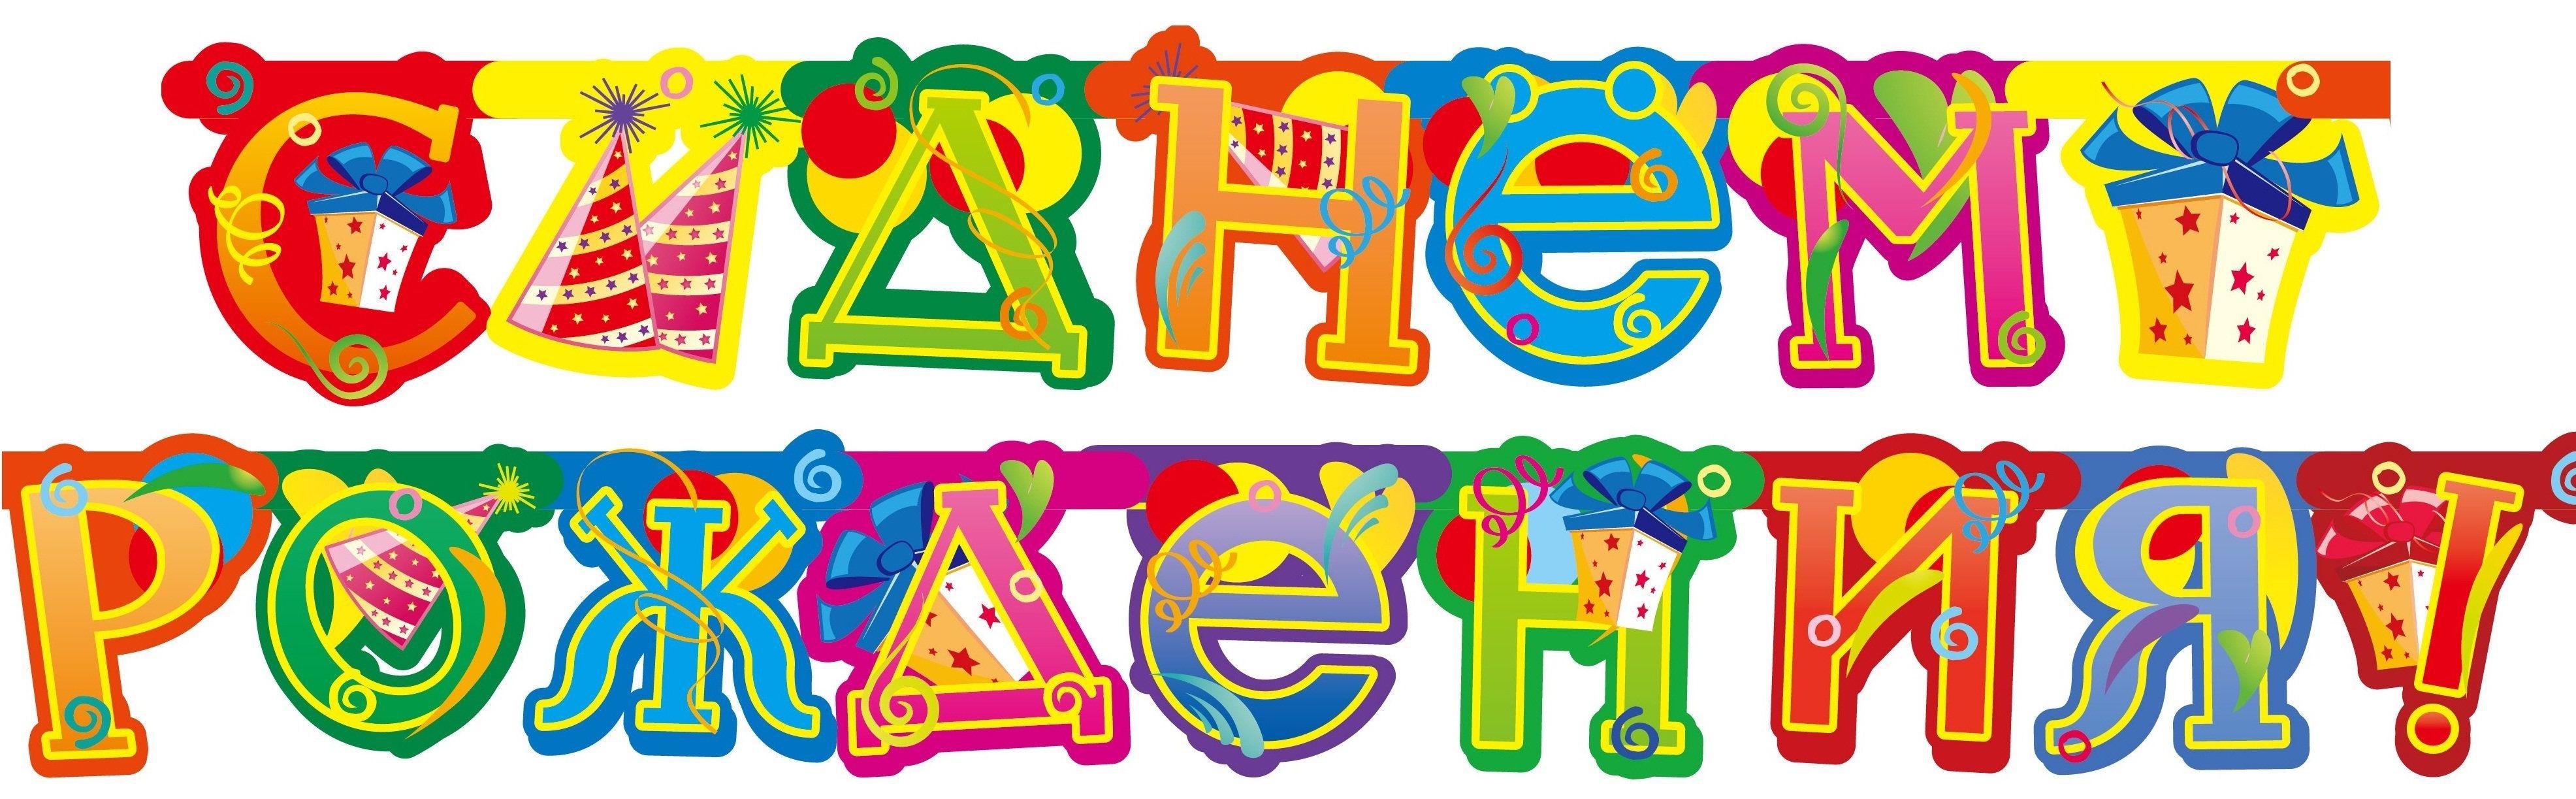 В поздравлении с днем рождения что пишется с большой буквы